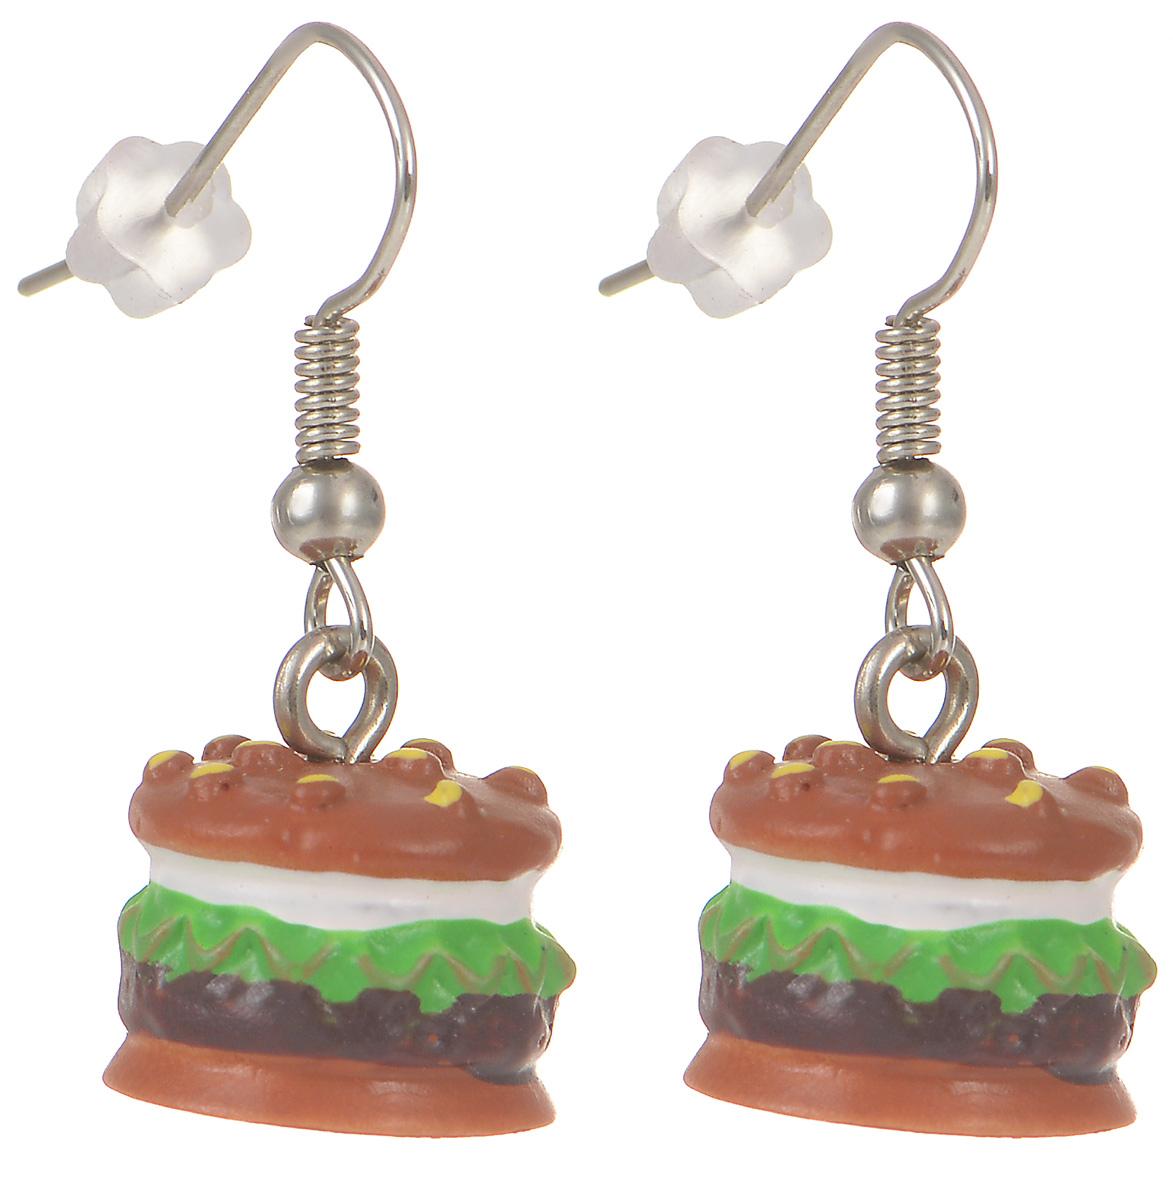 Серьги Kawaii Factory Гамбургер, цвет: коричневый. KW092-000173Серьги с подвескамиМилые серьги Гамбургер от Kawaii Factory помогут разнообразить серые будни и непременно поднимут настроение! Серьги выполнены из полимерной глины и снабжены удобными замочками-петлями. Небольшой размер позволяет сочетать их с другими украшениями, а яркий цвет и оригинальный дизайн выделят своего обладателя из толпы и привлекут внимание. При взгляде на такое украшение сразу появляется аппетит и утренний заряд бодрости.